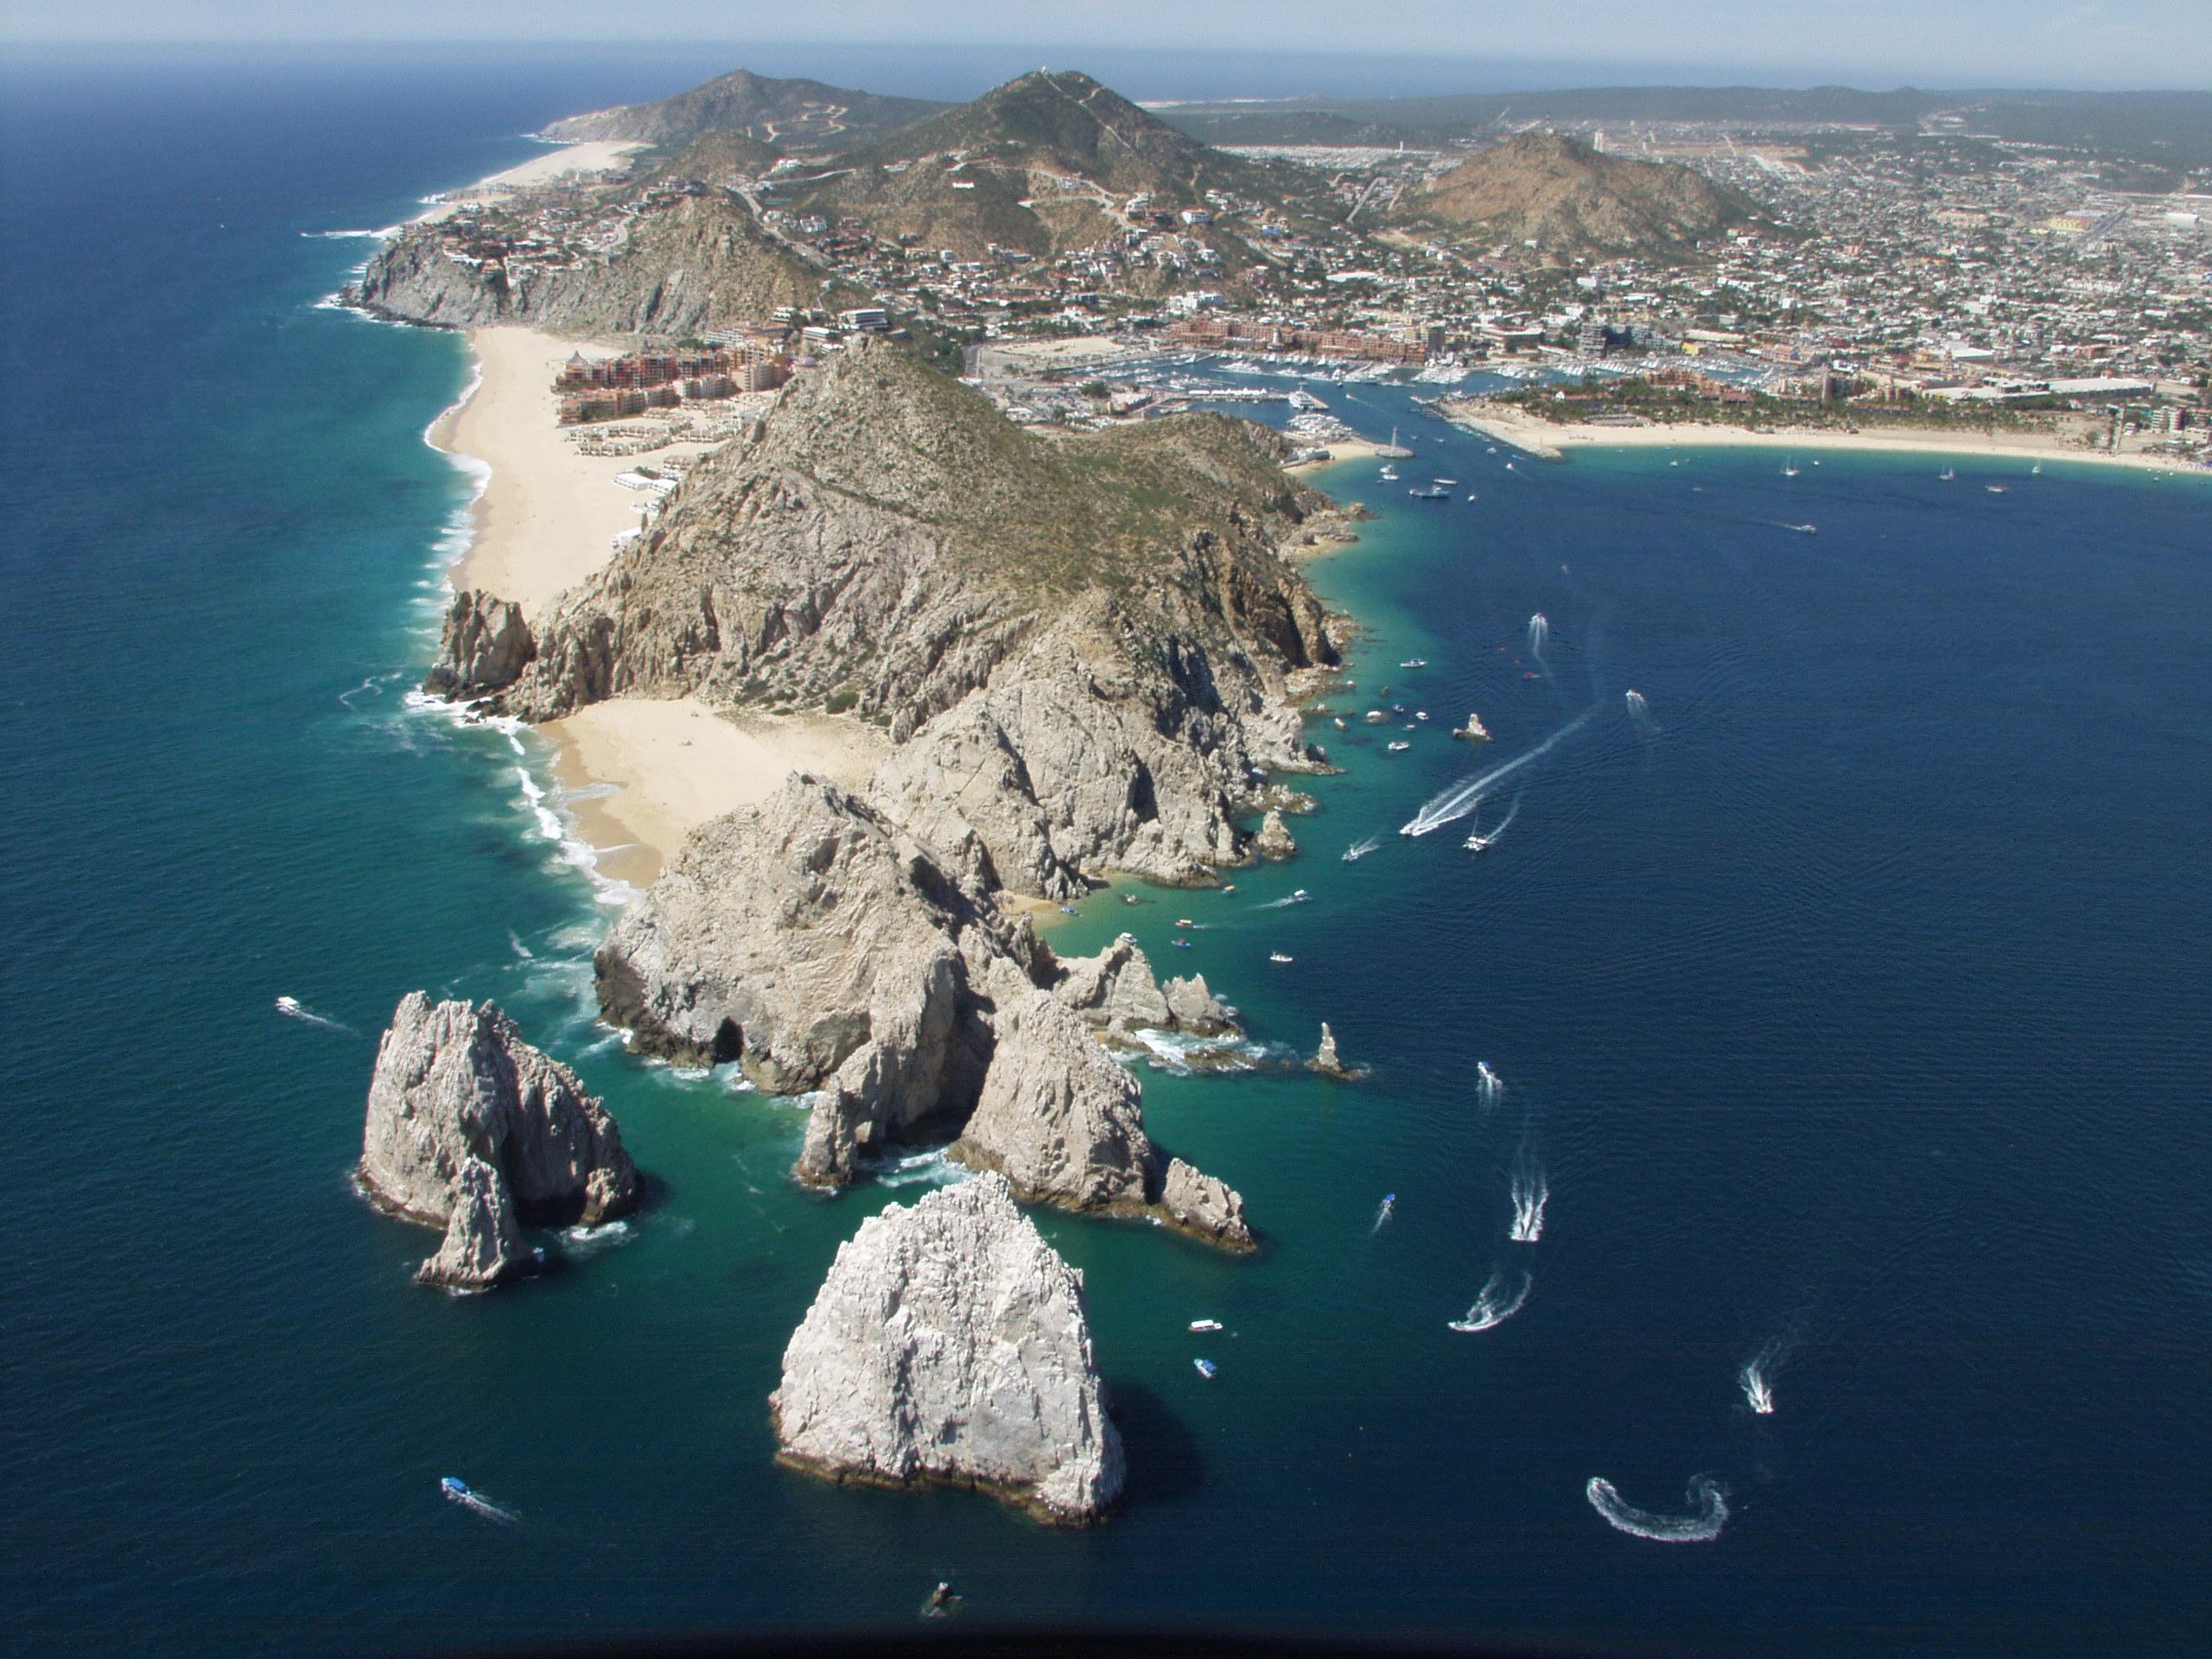 WanderFit highlights Destination Cabo San Lucas